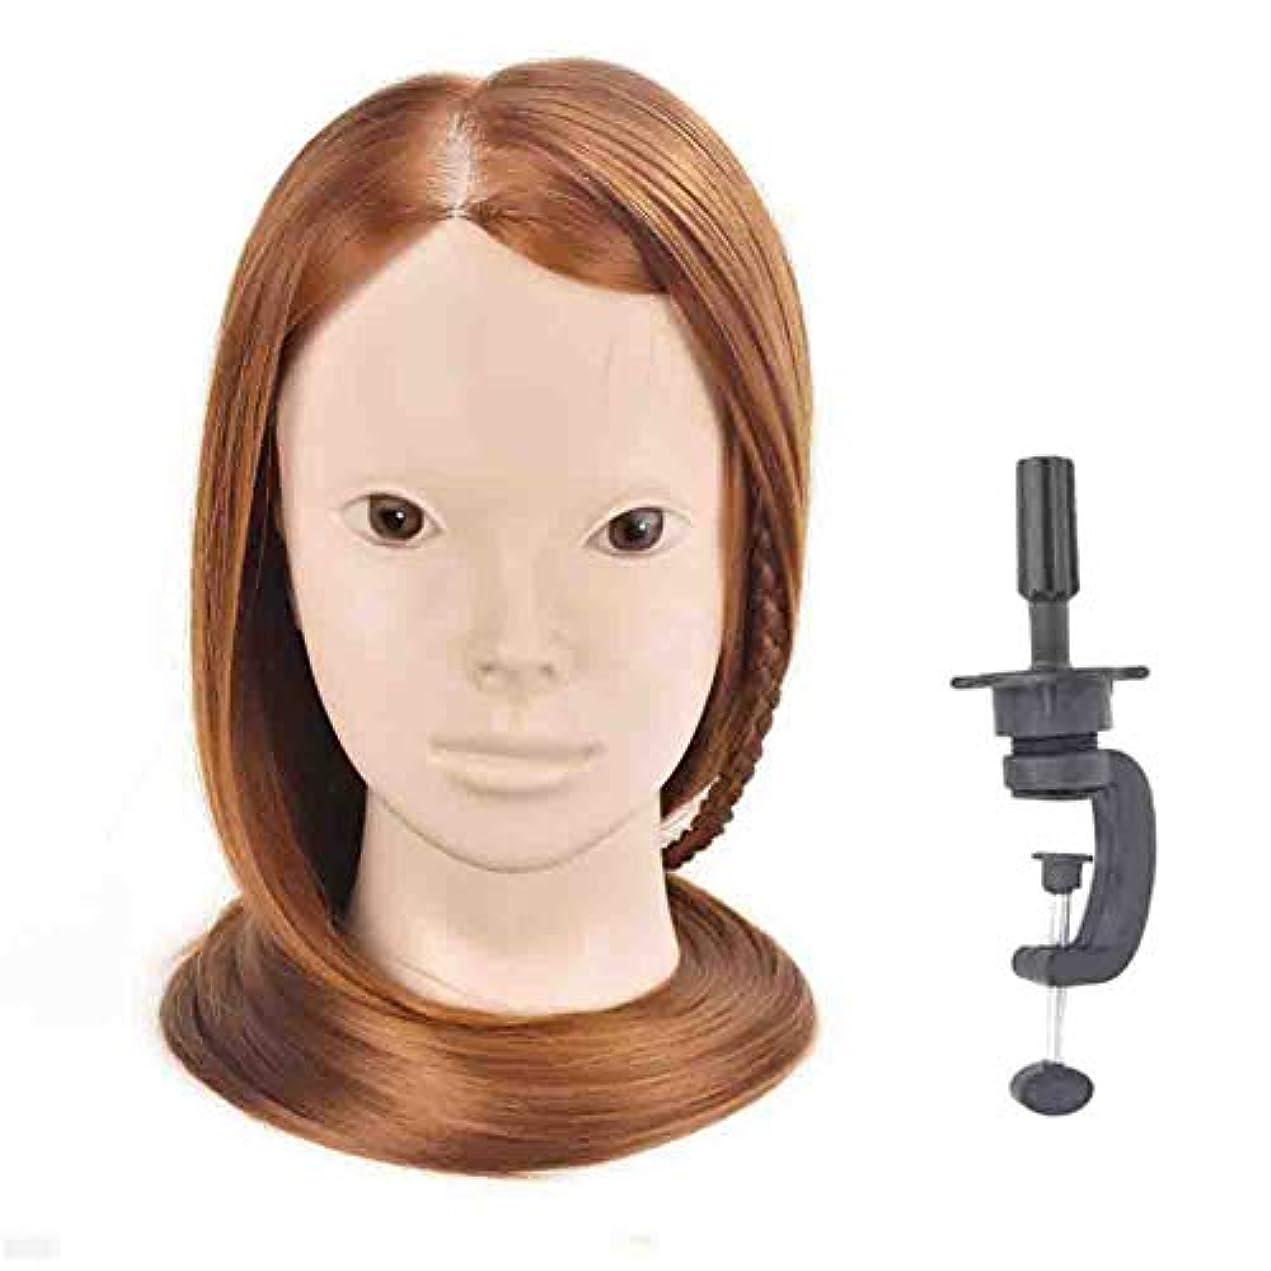 未満パパ揺れるは、花嫁の髪編組ひも学習ヘッドモデル理髪モデルヘッド理髪サロン散髪ダミー練習ヘッド